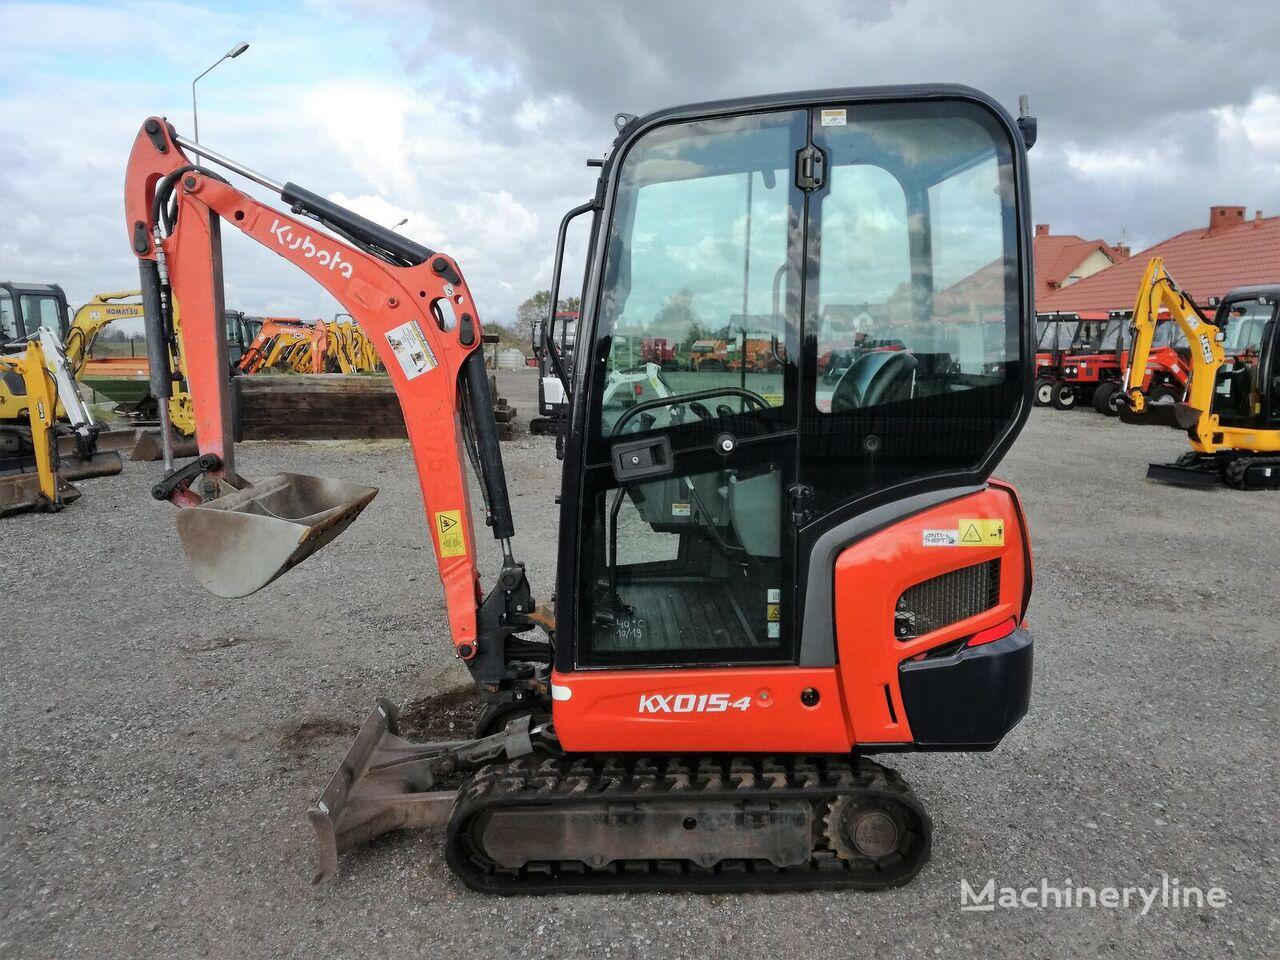 KOMATSU KX 015-4 , 2012r  016-4 018-4 mini excavadora